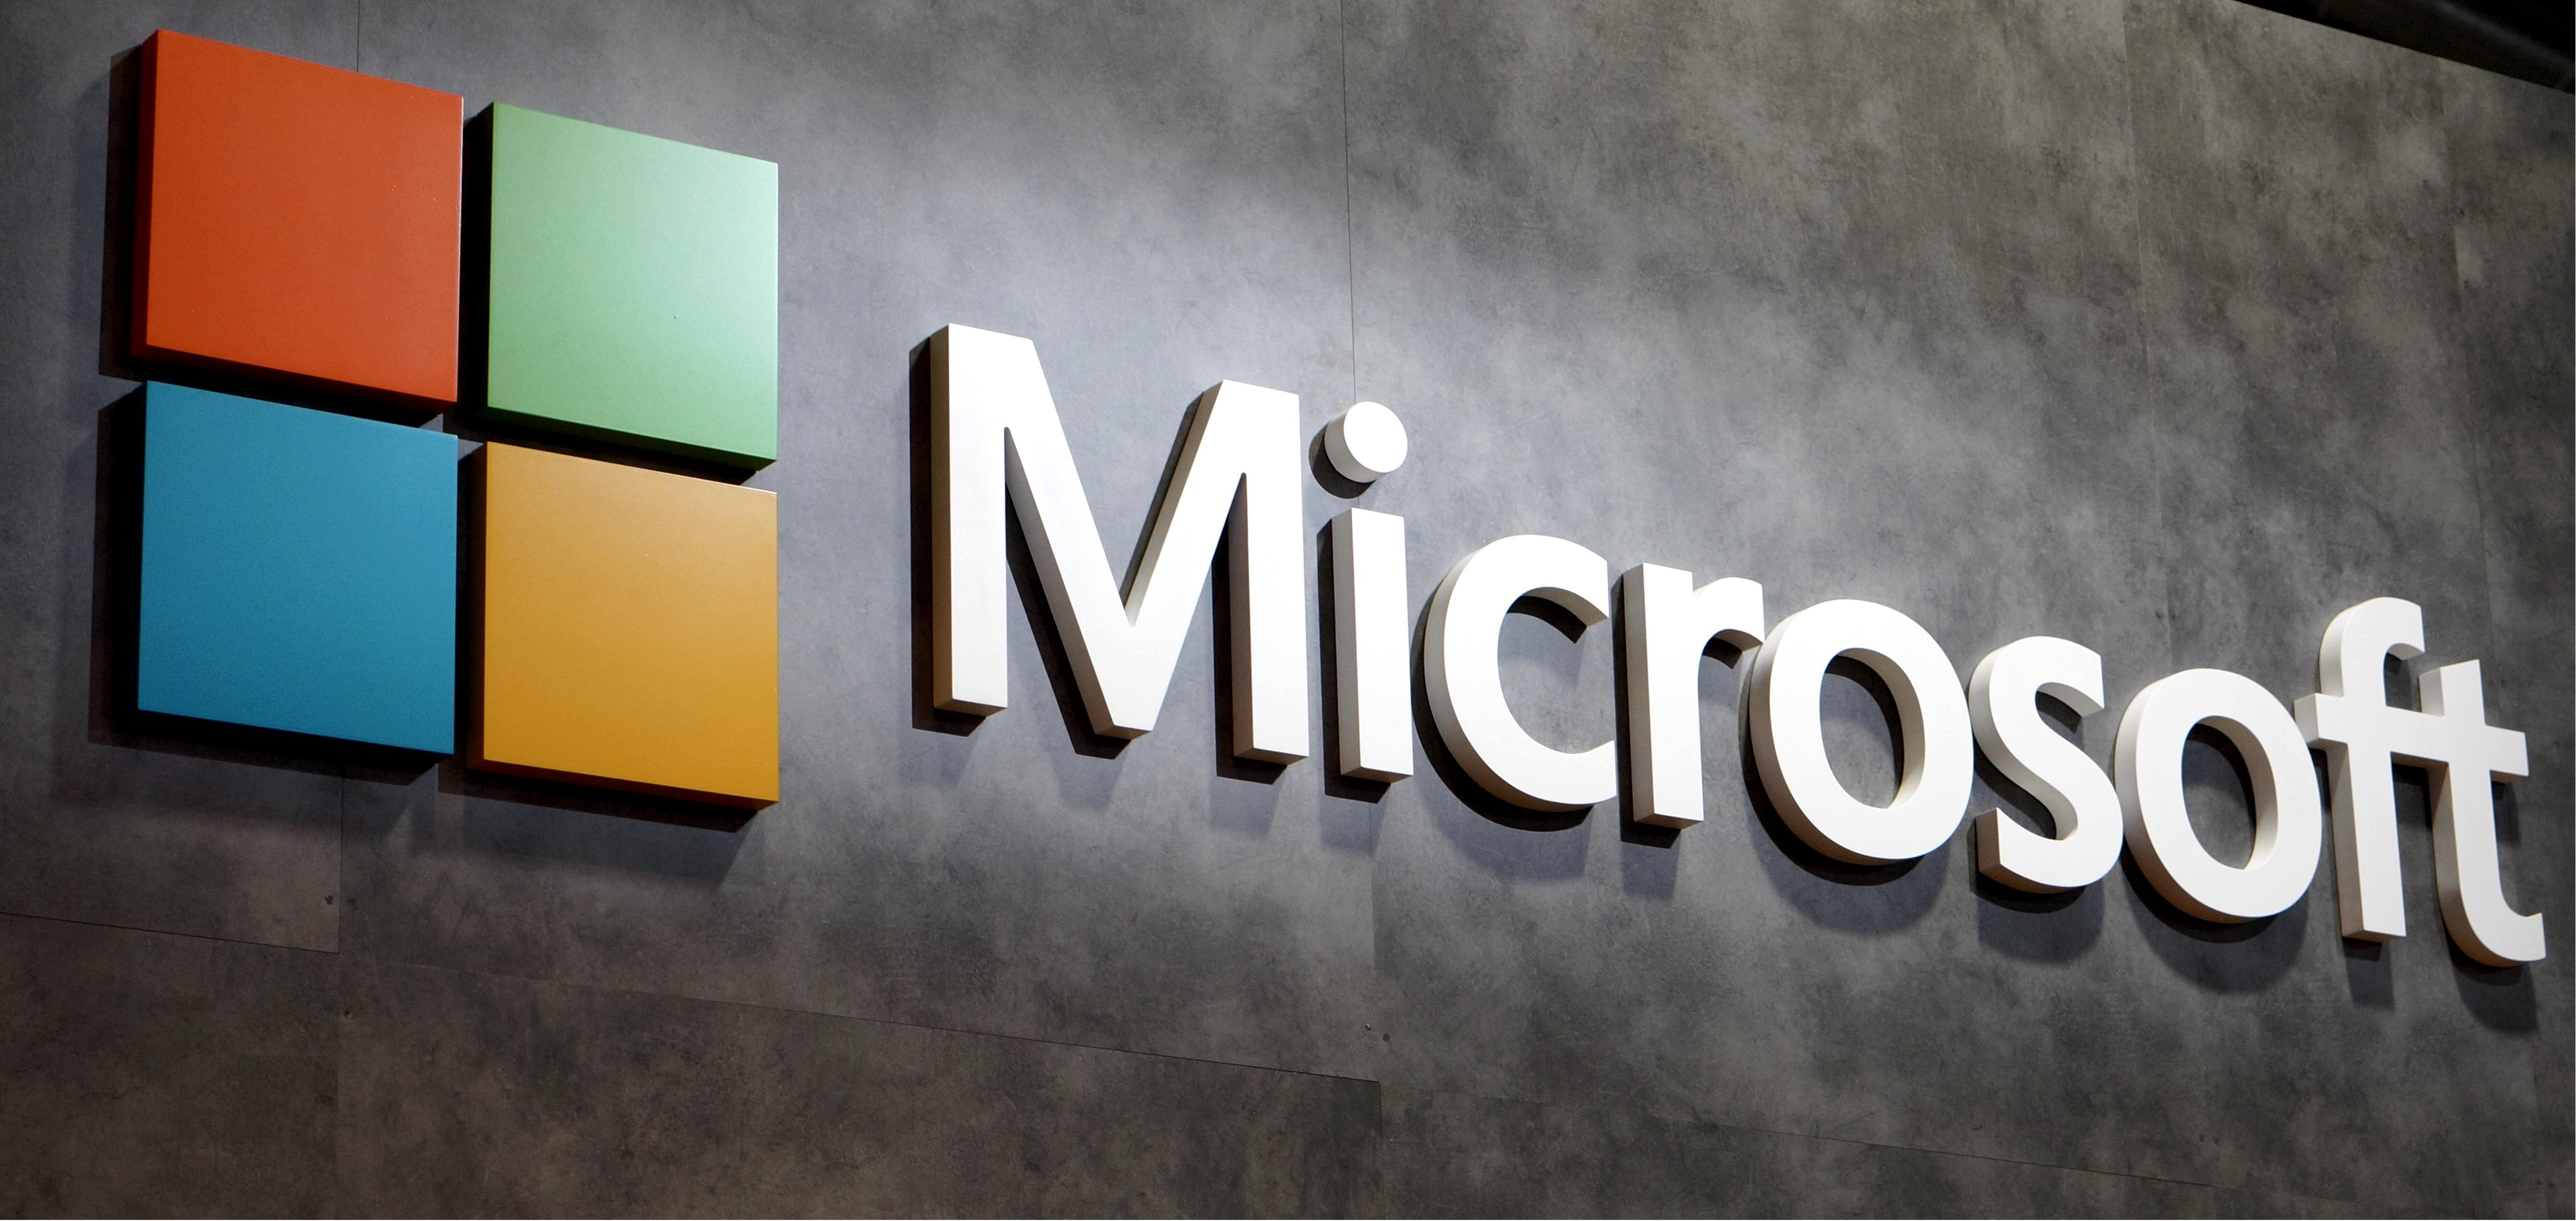 Microsoft waarschuwt voor mails die naar Microsoft-scam linken